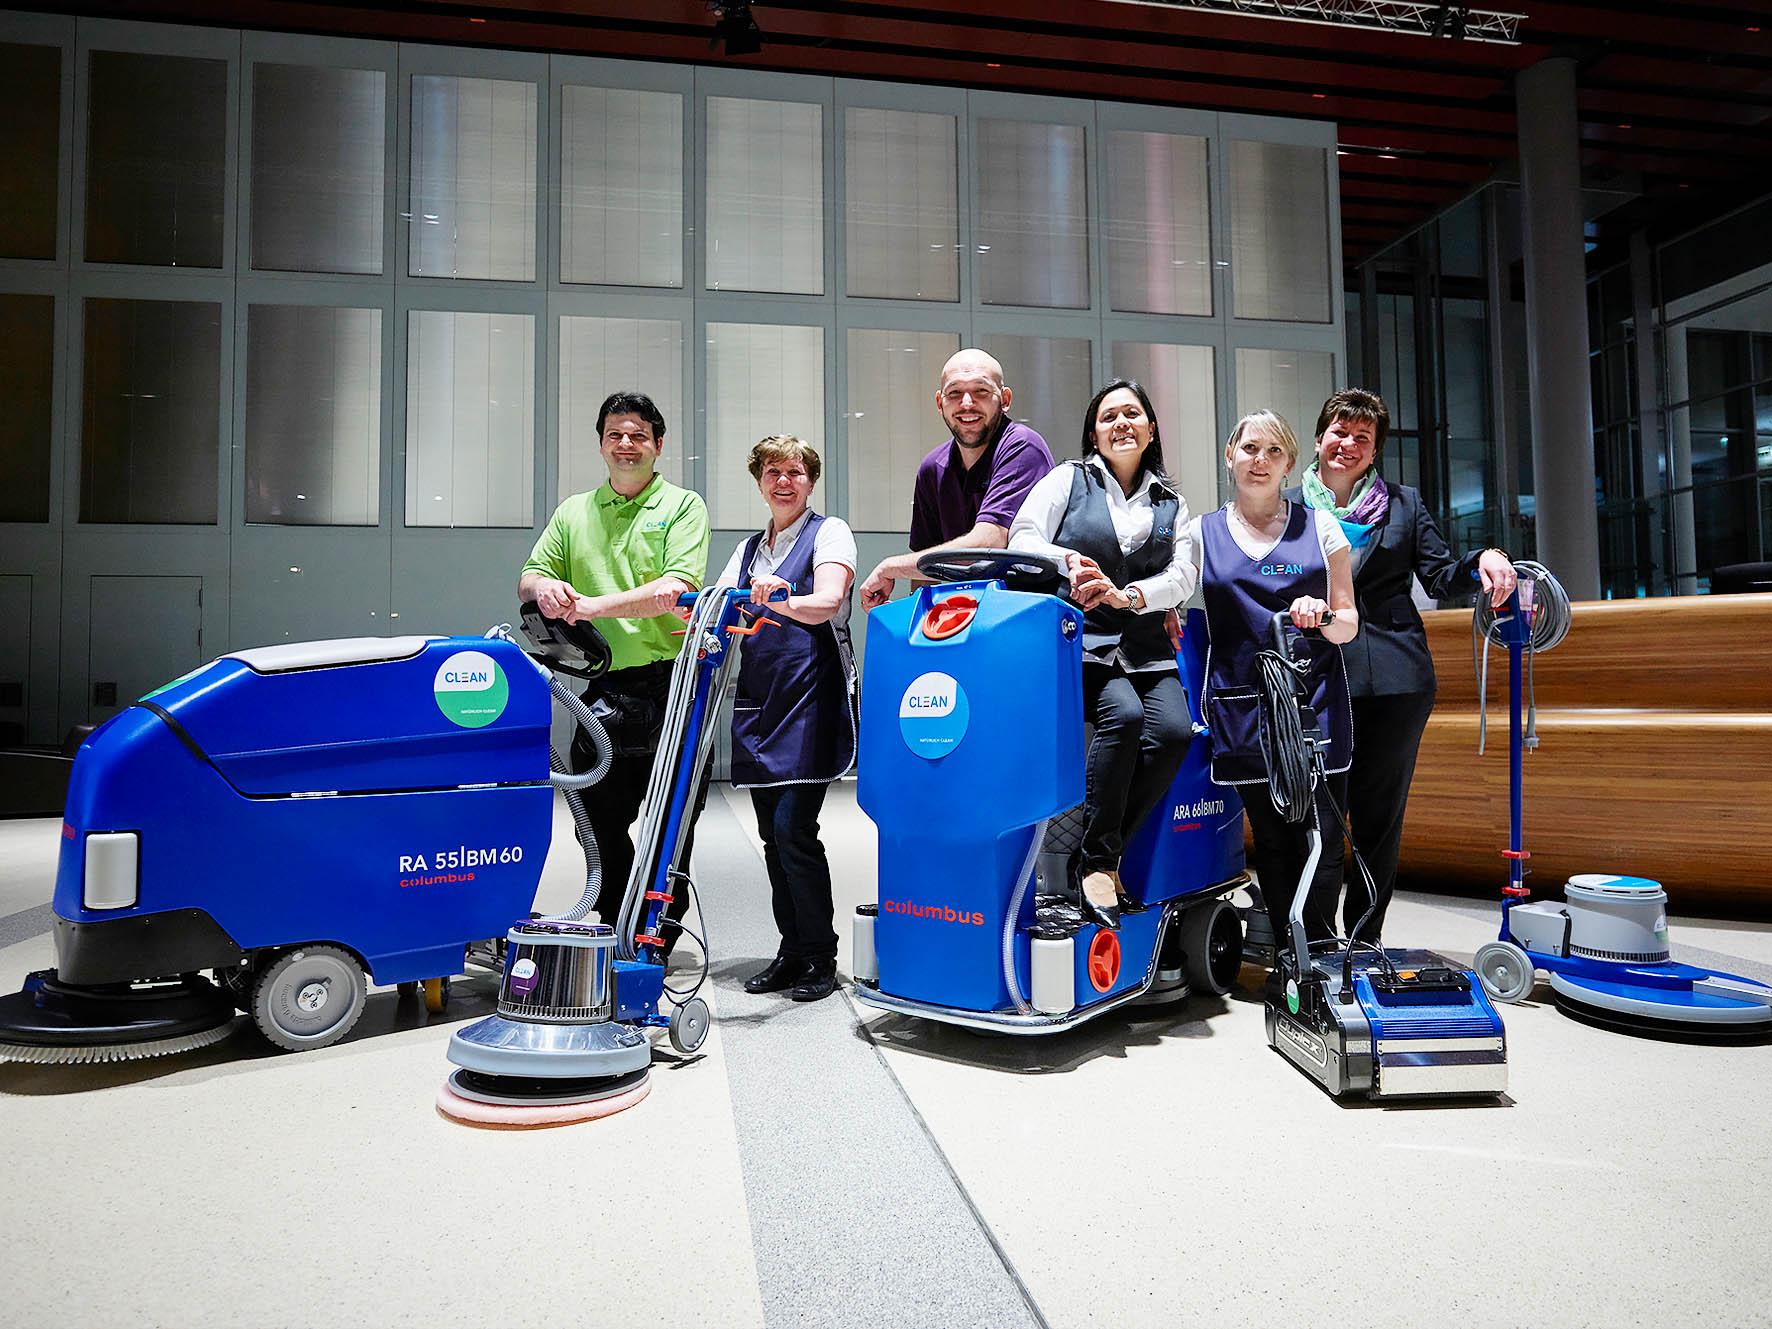 Alltagsbegleiter Clean Aktivia Slider 03-2021_001